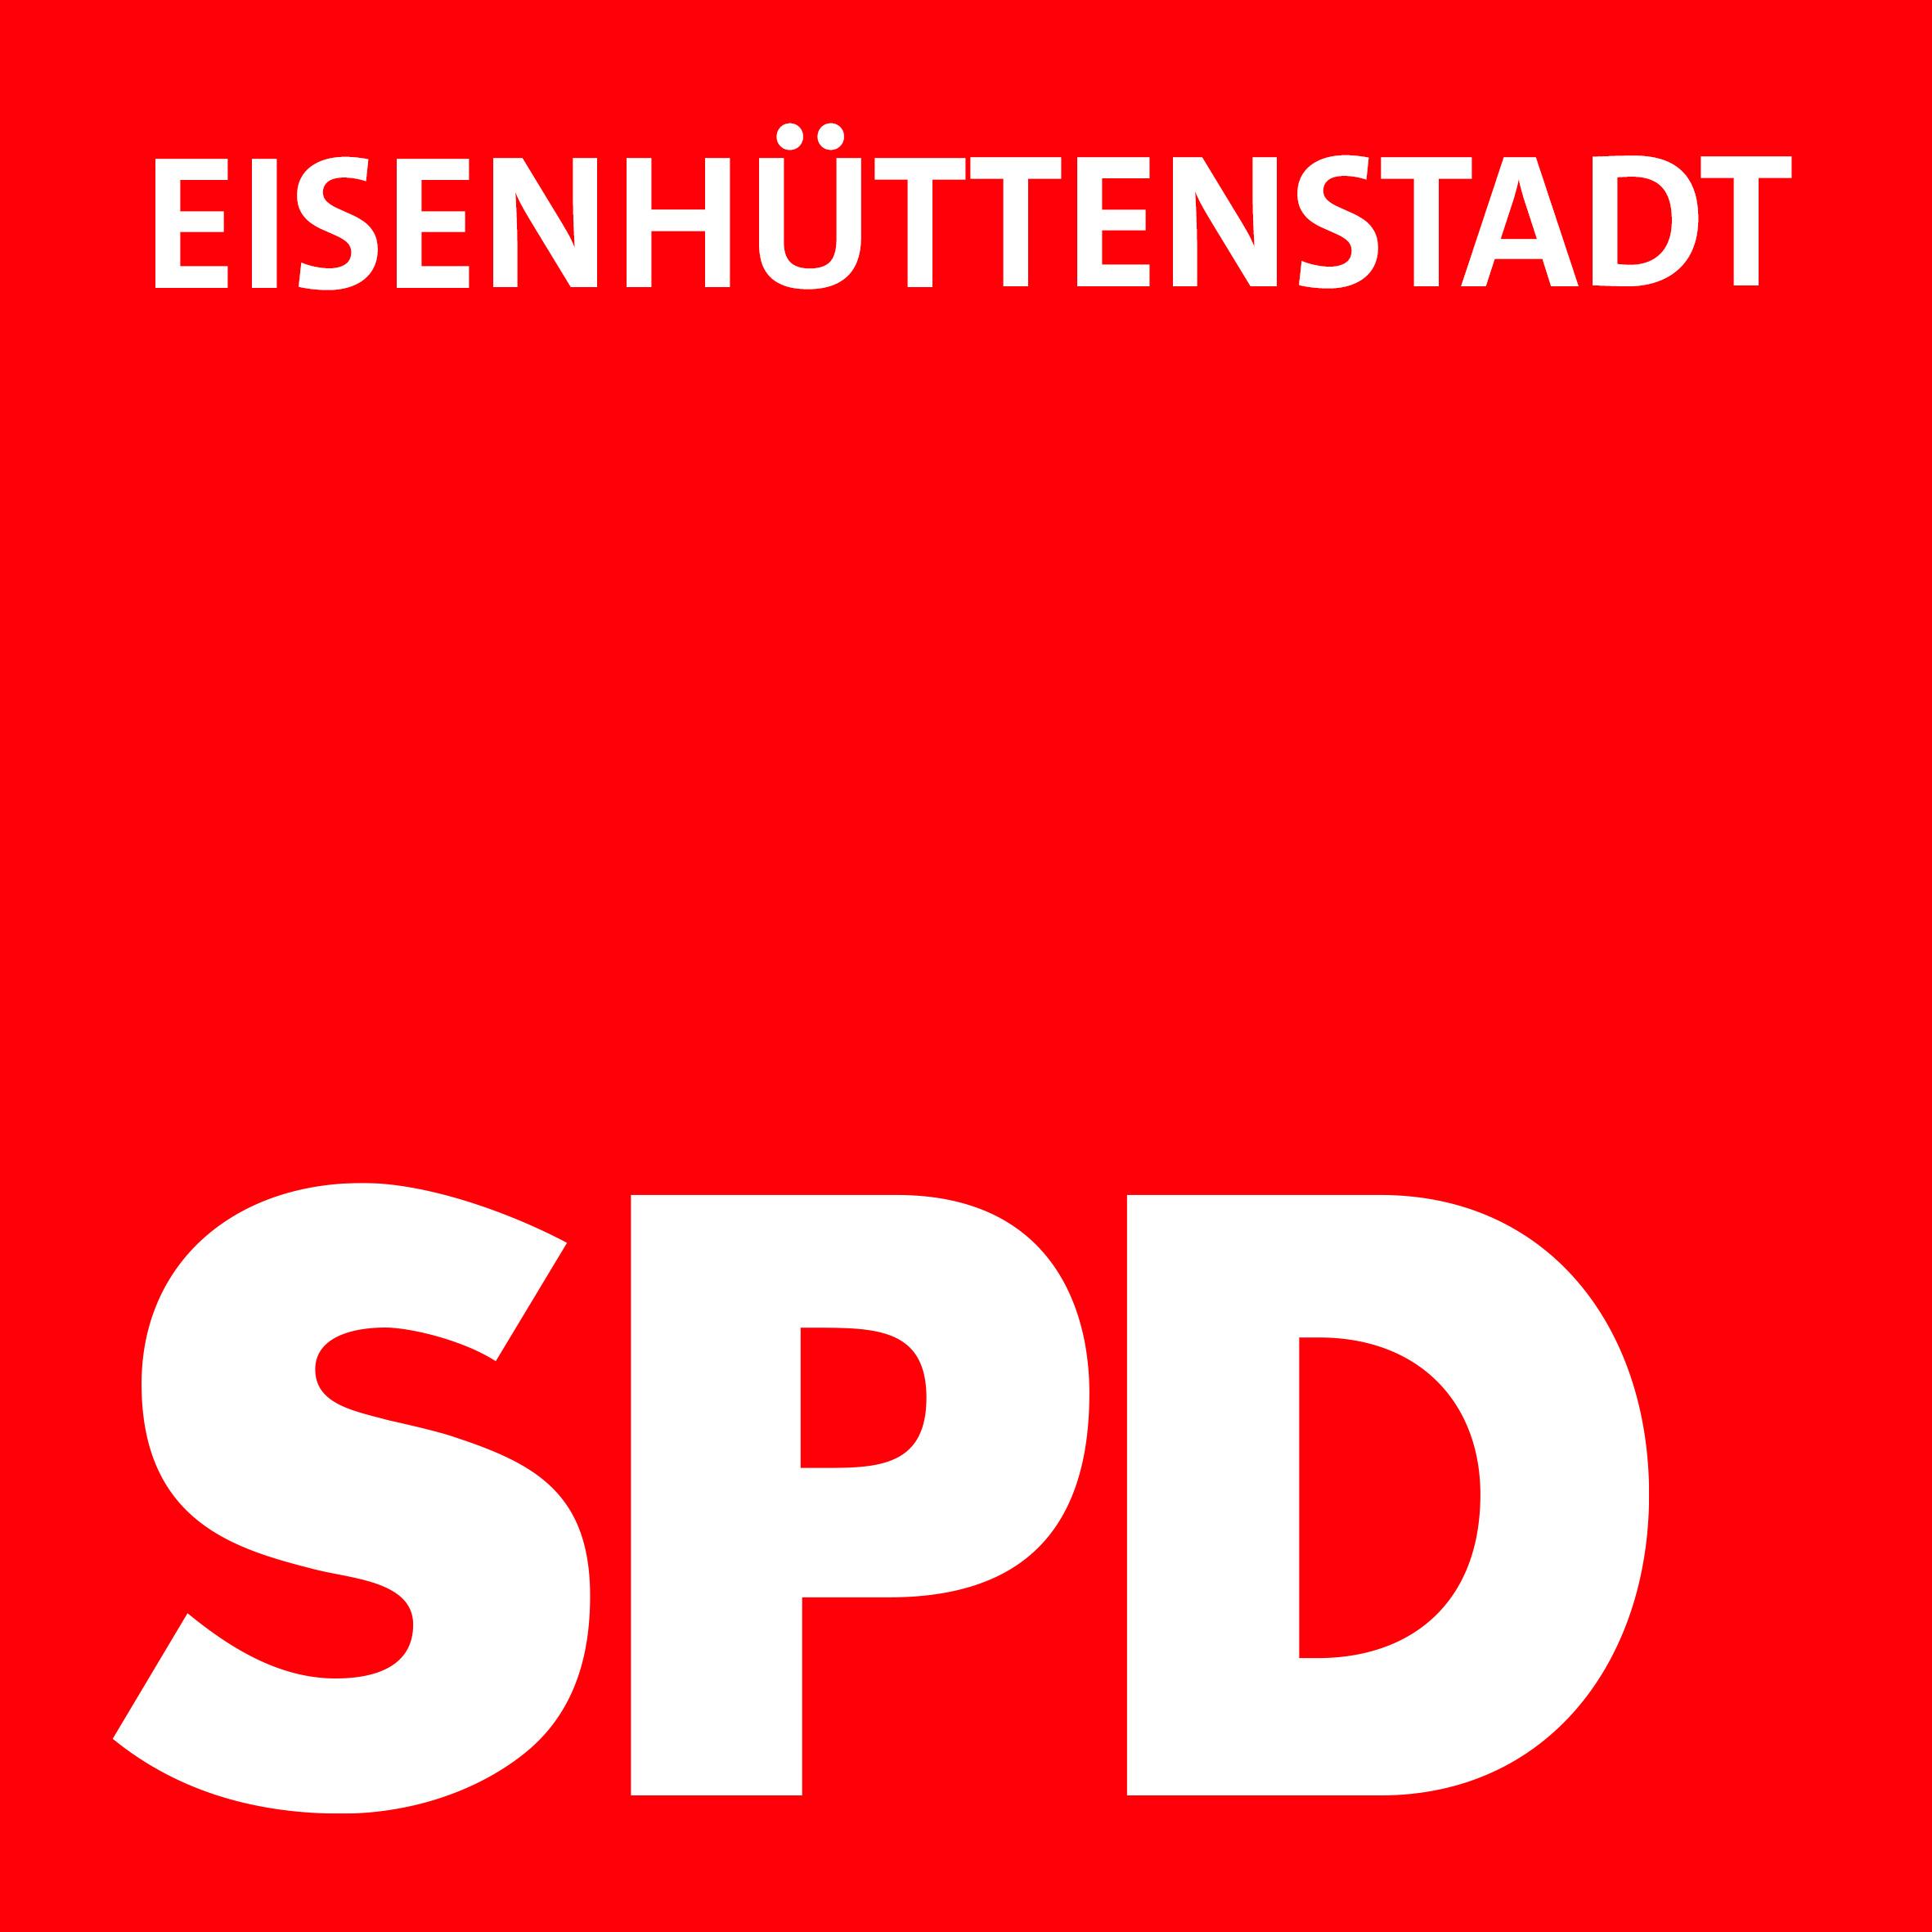 SPD Eisenhüttenstadt